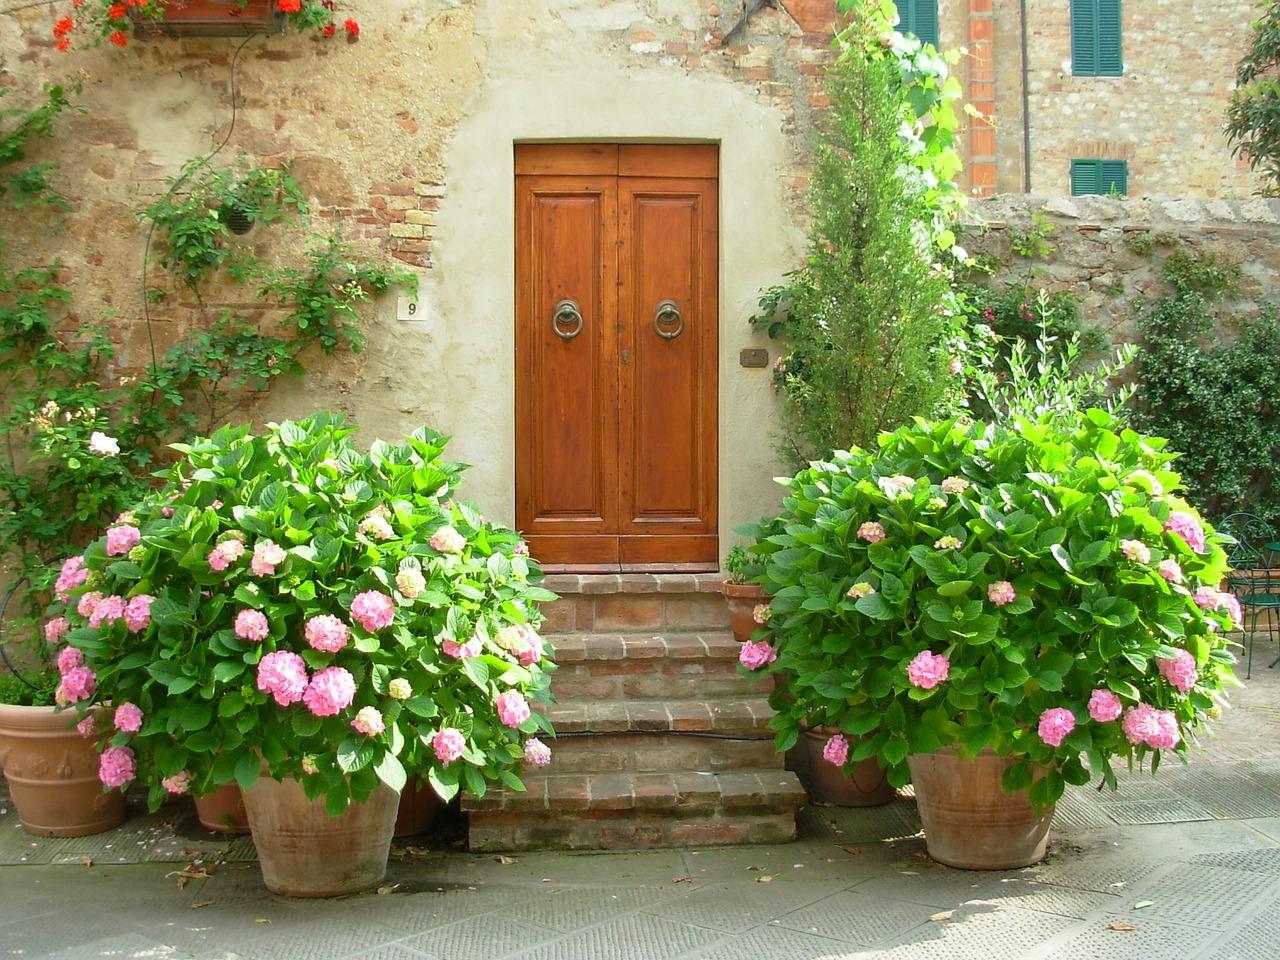 5. Tuscany